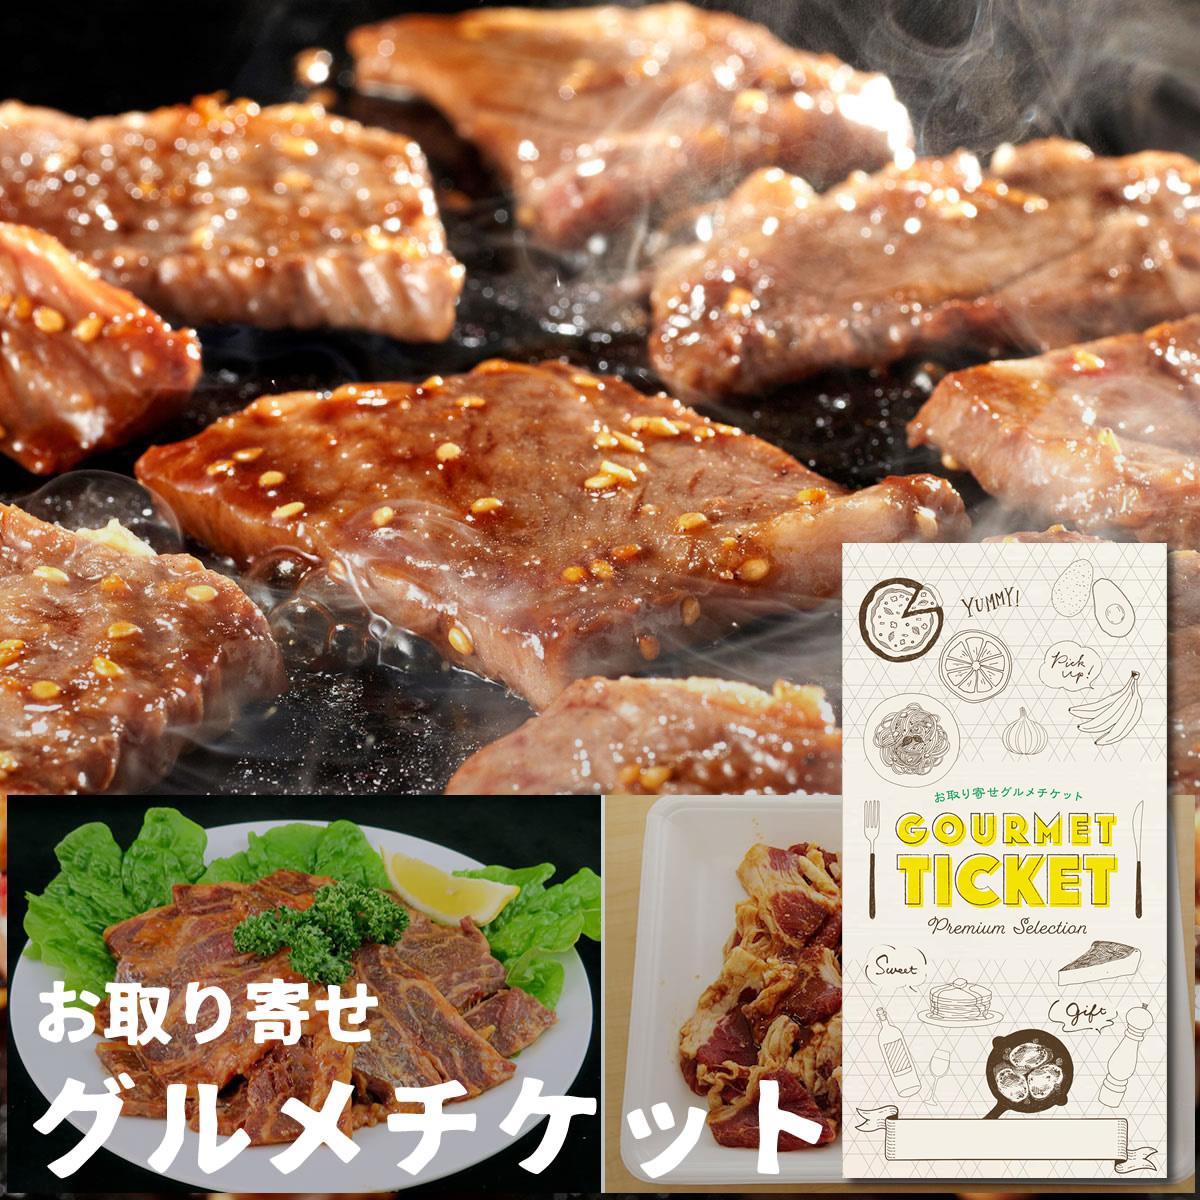 お取り寄せグルメチケット 肉盛り4kgセット(ハラミ2kg、カルビ2kg)